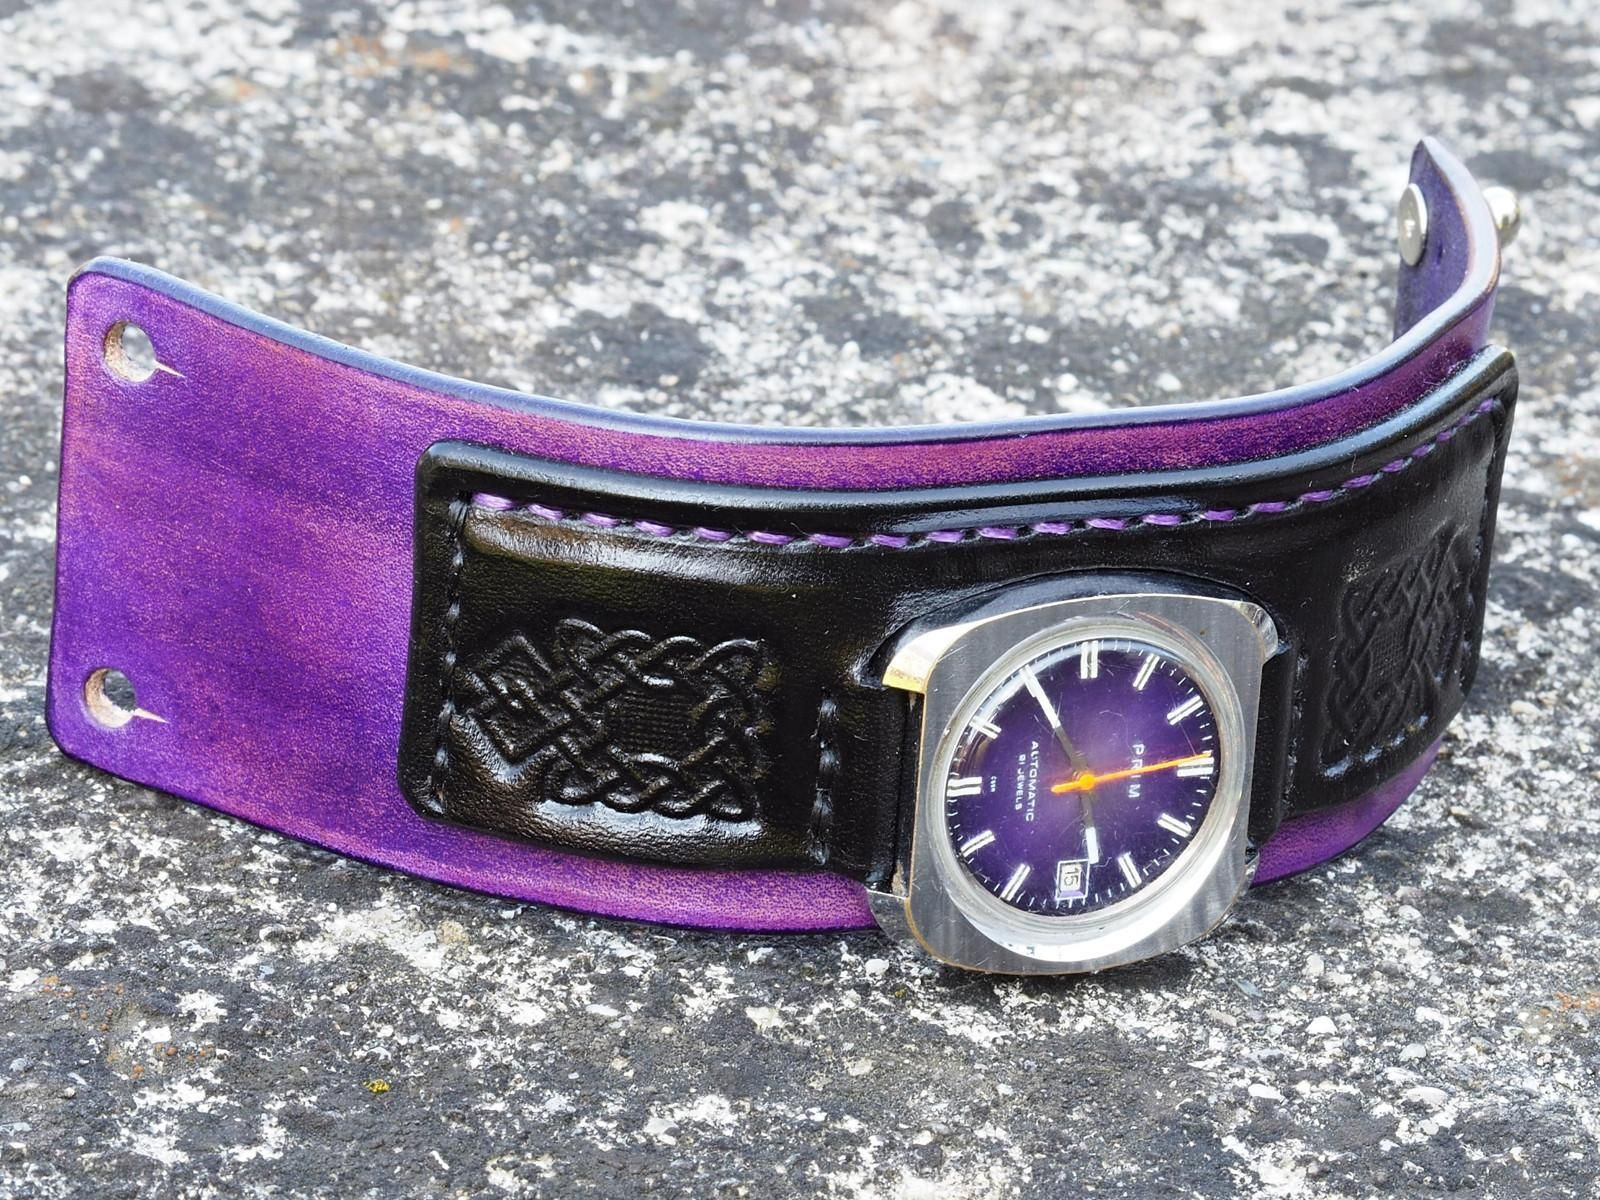 074de961b Hnědý+kožený+pásek+PRIM+Automatic,+21+jewels+Máte+hodinky +na+ktoré+sa+už+nedá+kúpiť+remienok?+Po+dohode+vám+vyrobím+náhradný+remienok .